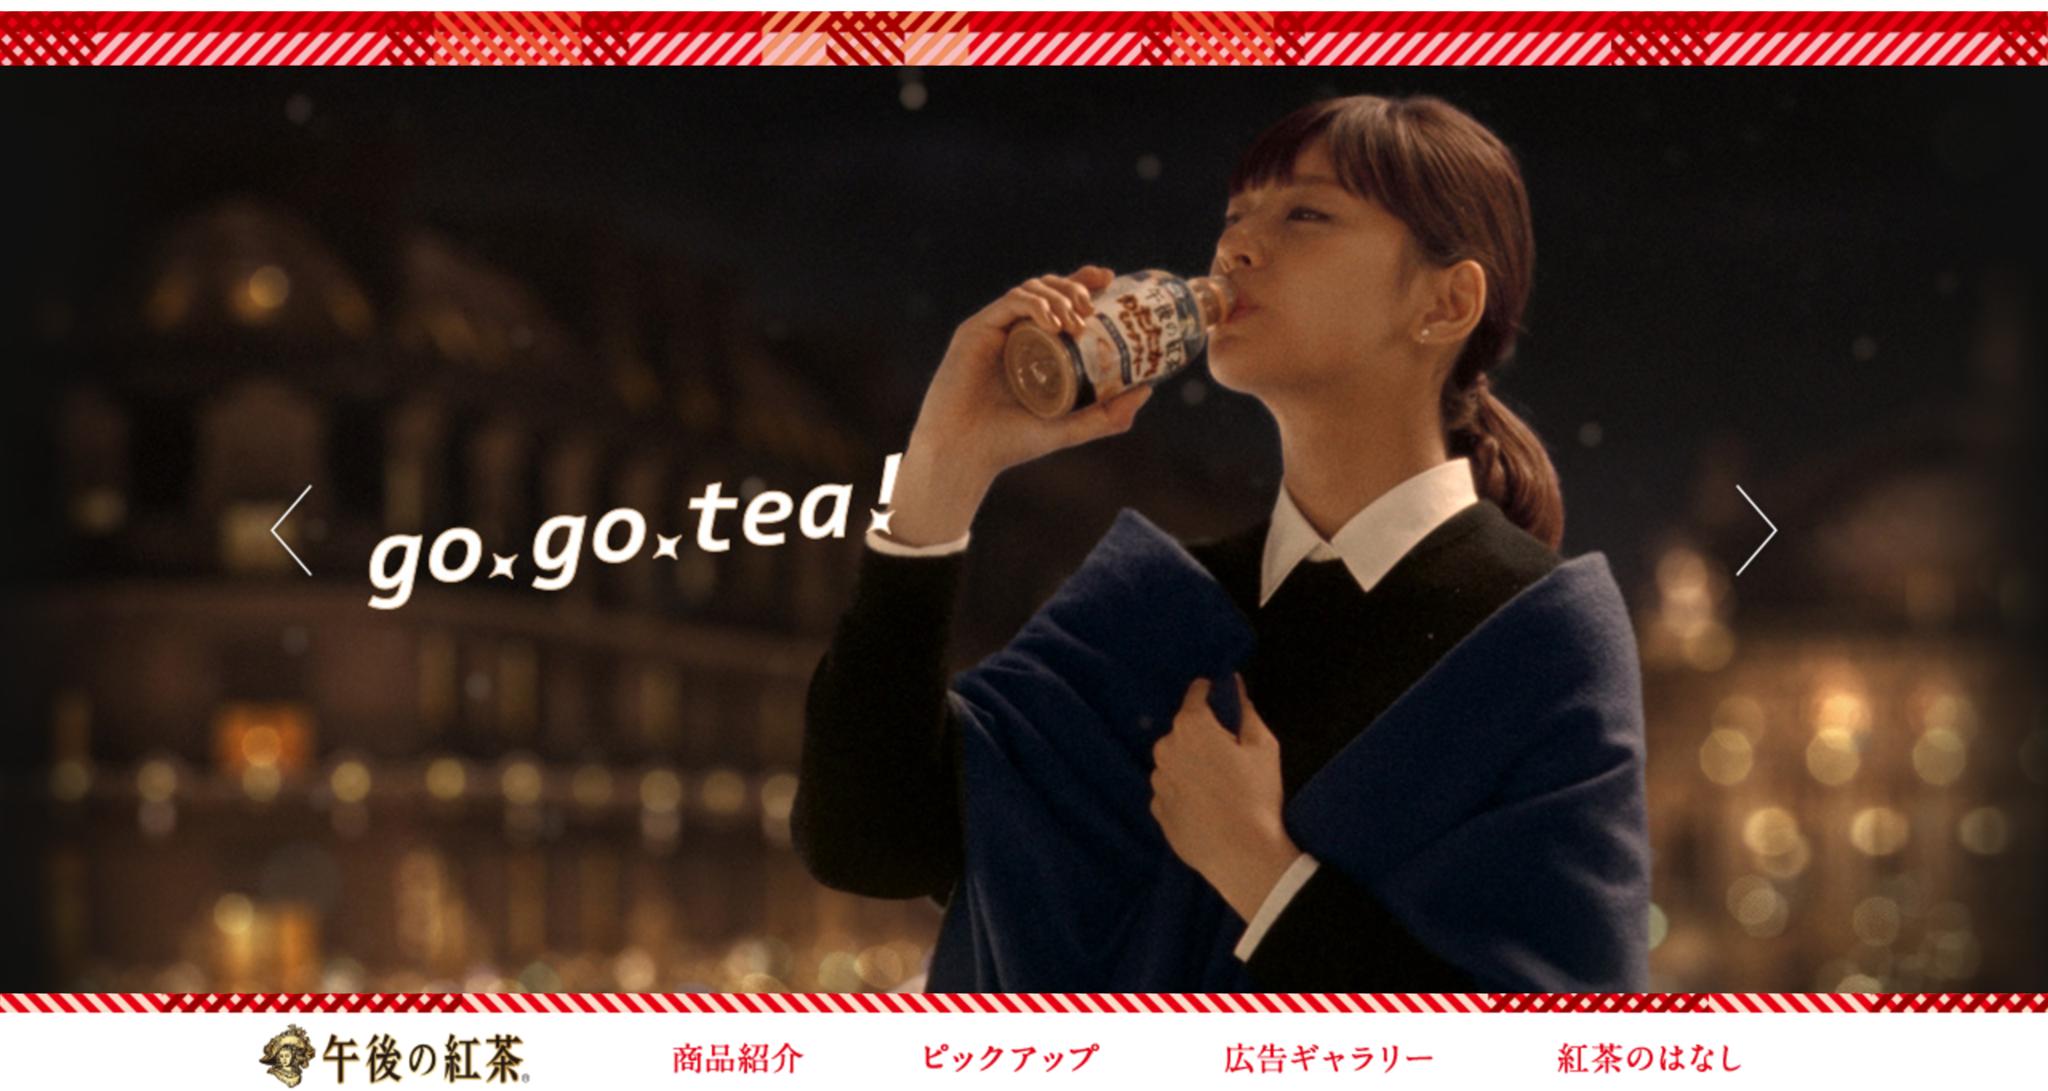 午後の紅茶|ソフトドリンク|商品情報|キリン.png